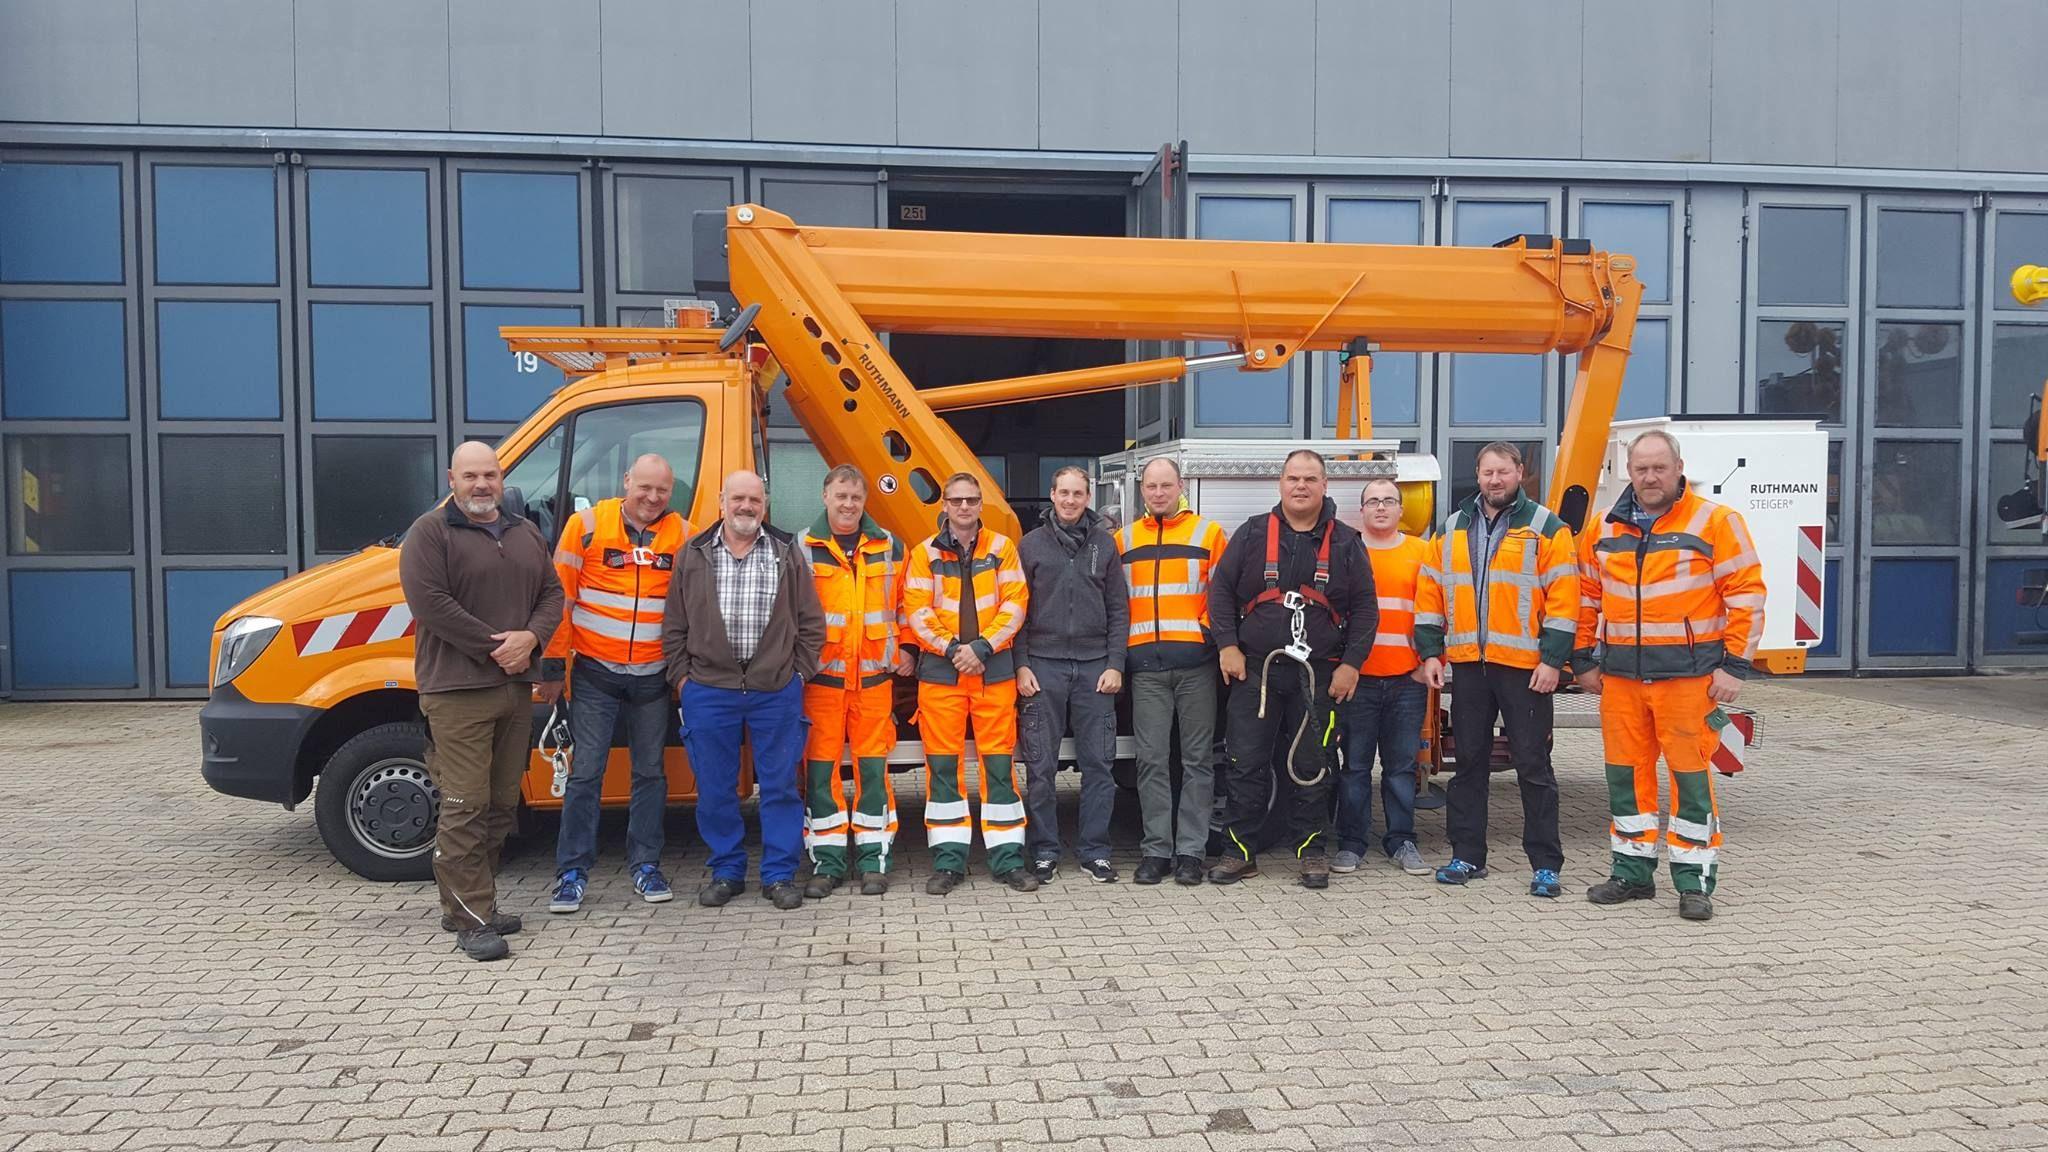 Pfk Inhouse Schulung Strassenmeisterei Blankenheim Erfolgreiche Abschlusse Fur Die Grundausbildungen Baumaschinenfuhrer D Arbeitsbuhne Ladungssicherung Kran